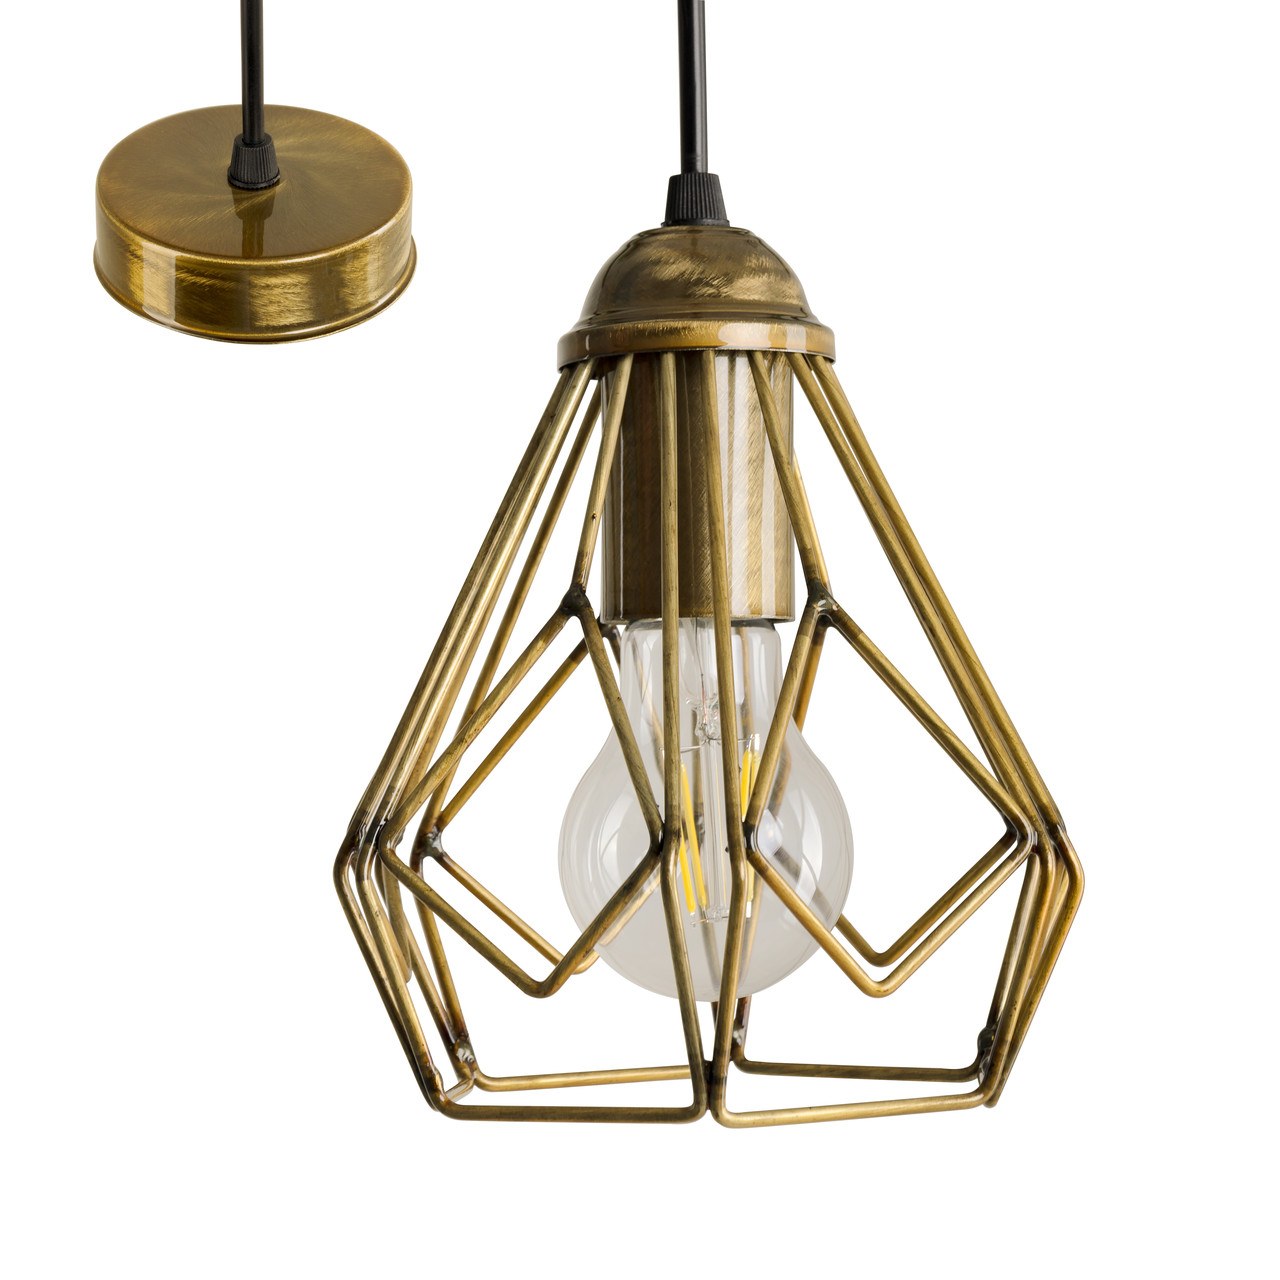 Потолочный подвесной светильник Atma Light серии Bevel P165 AnticGoldL